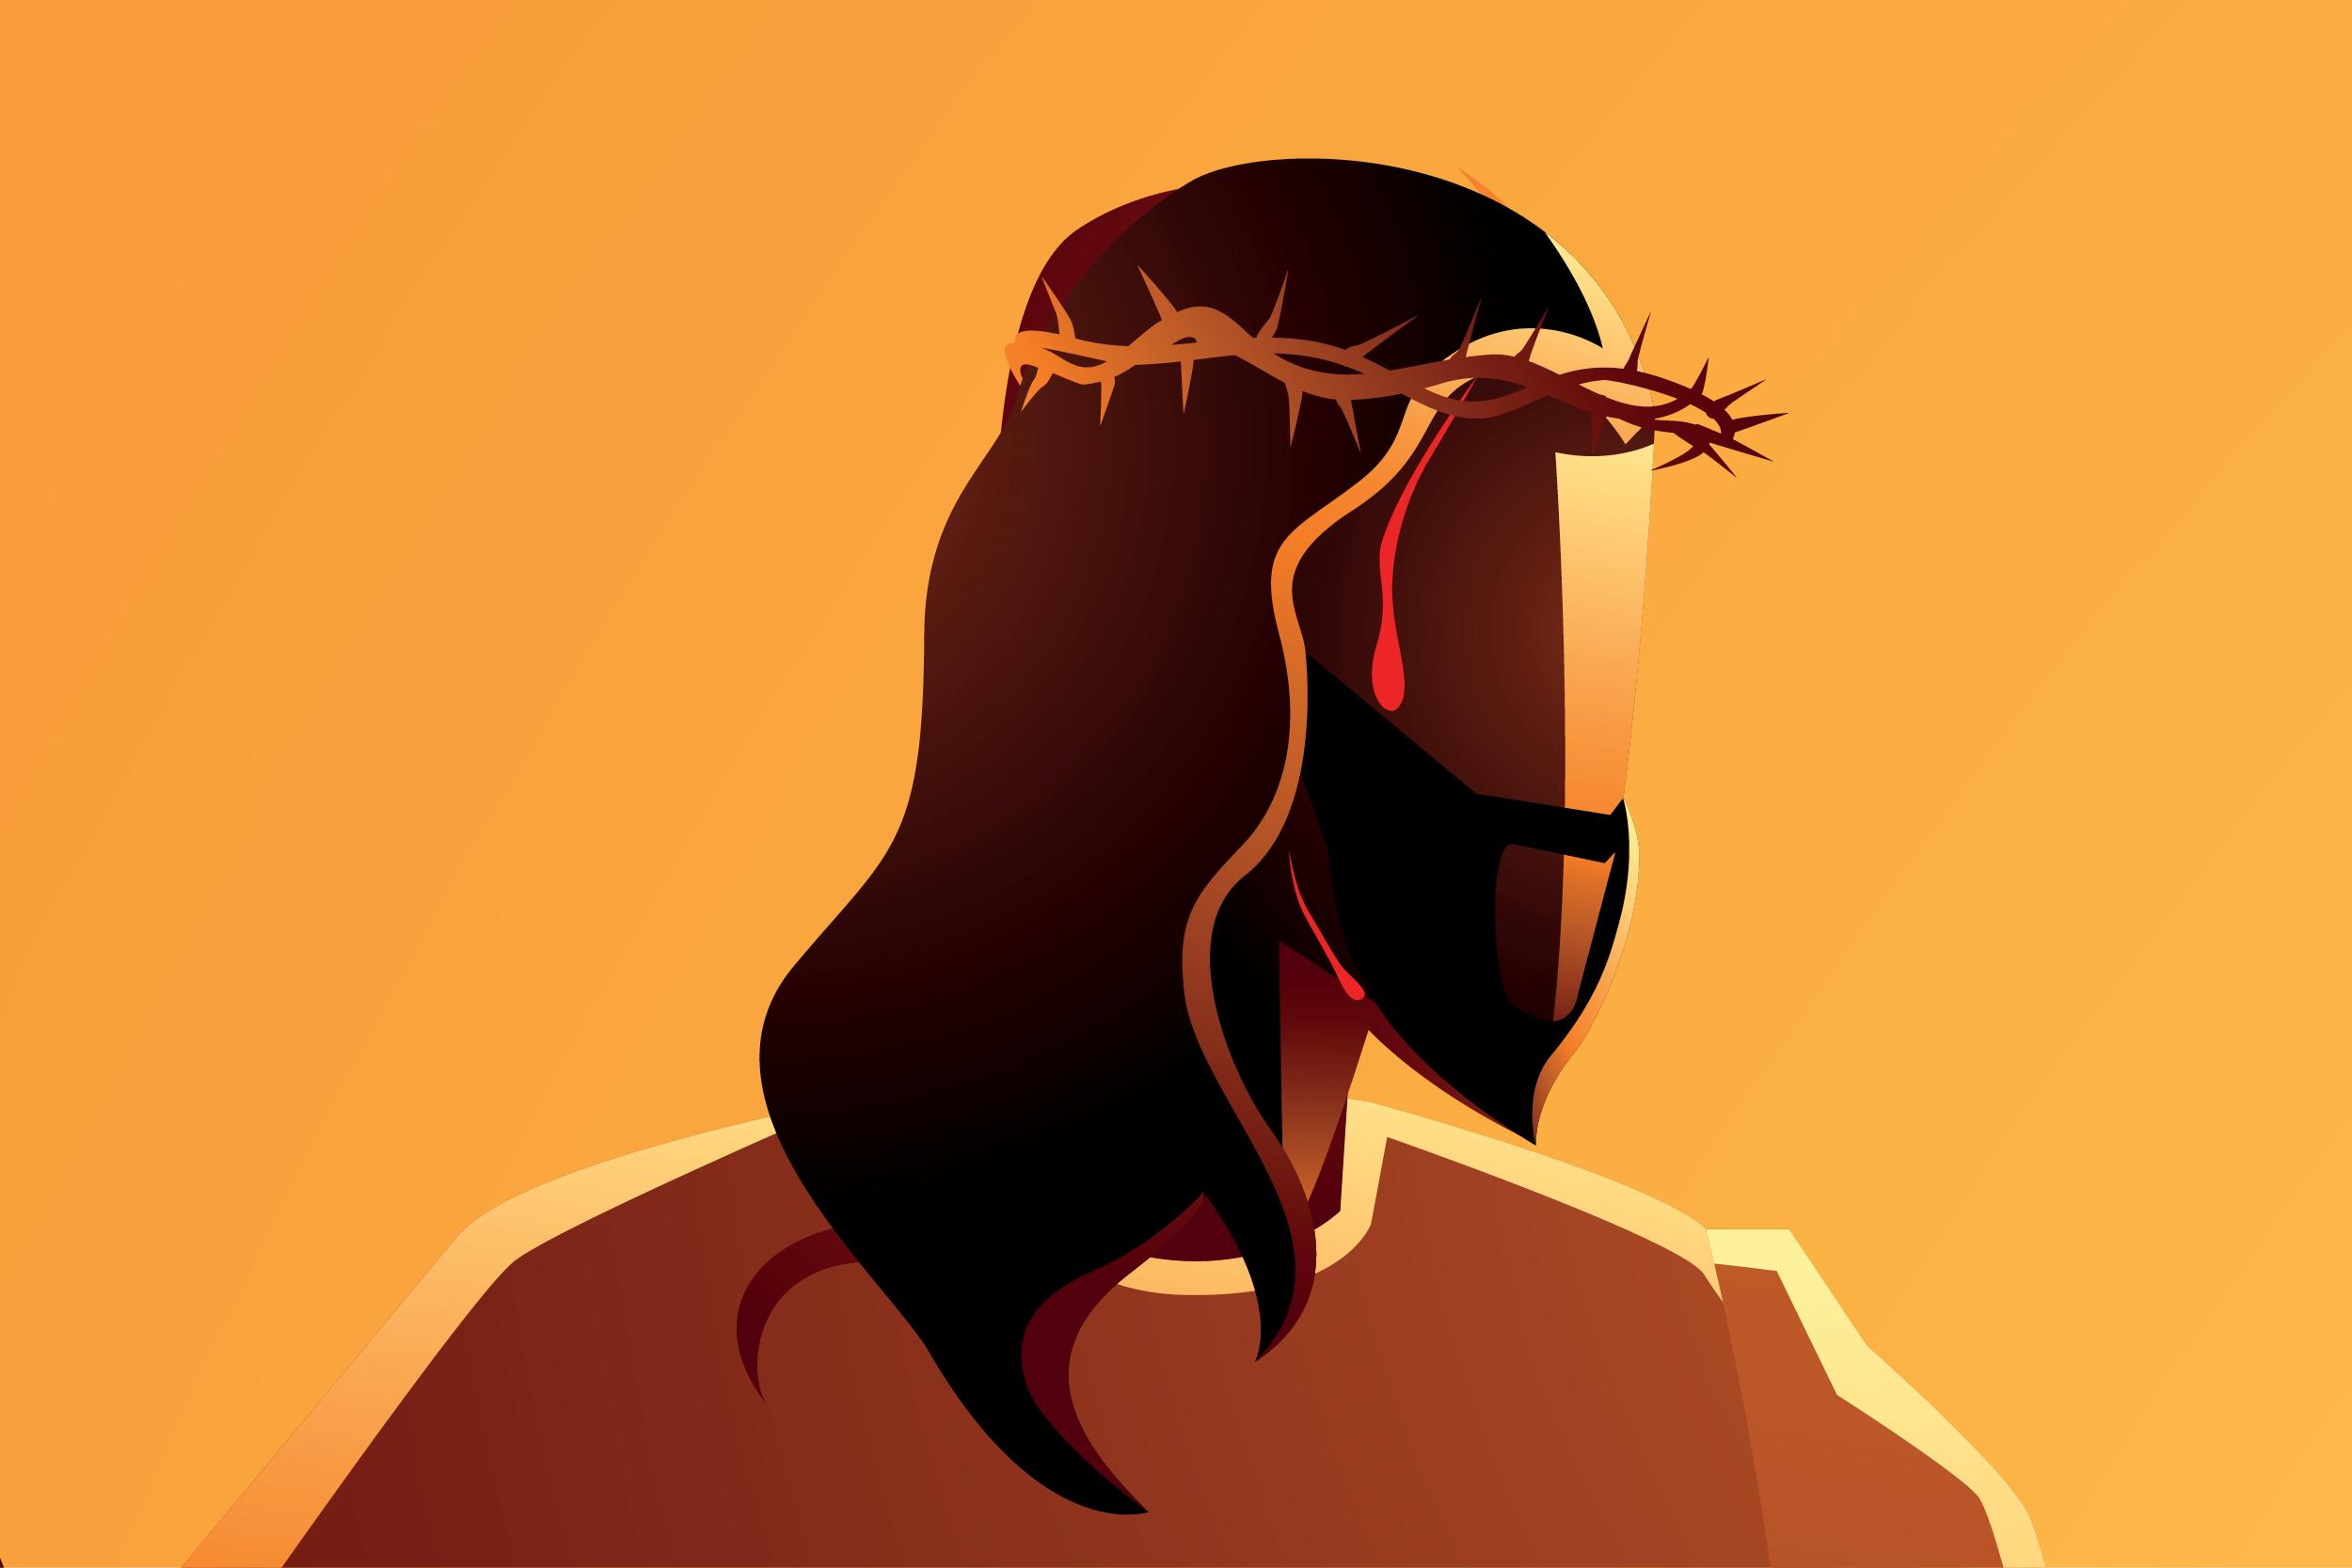 Jesús es coronado con espinas. | Ilustración: Desde la Fe / Martín Cuéllar.